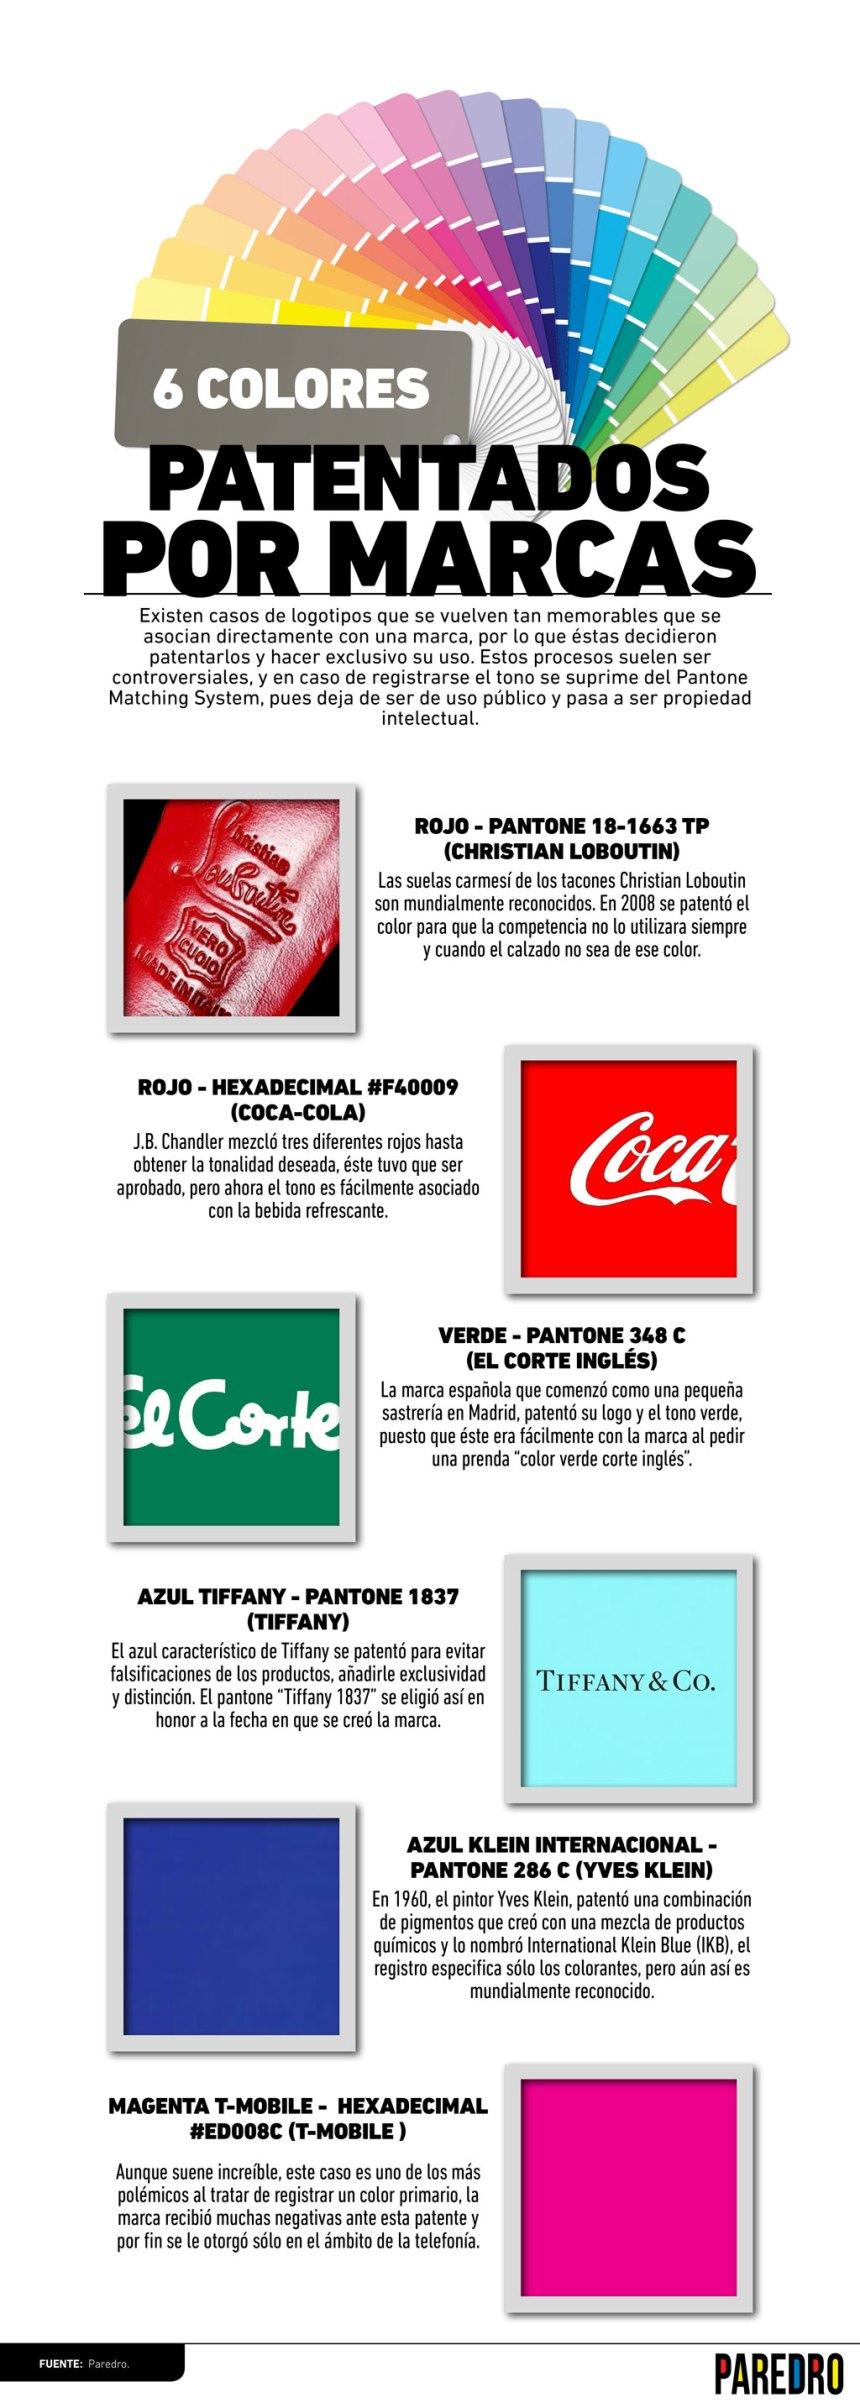 6 colores patentados por marcas